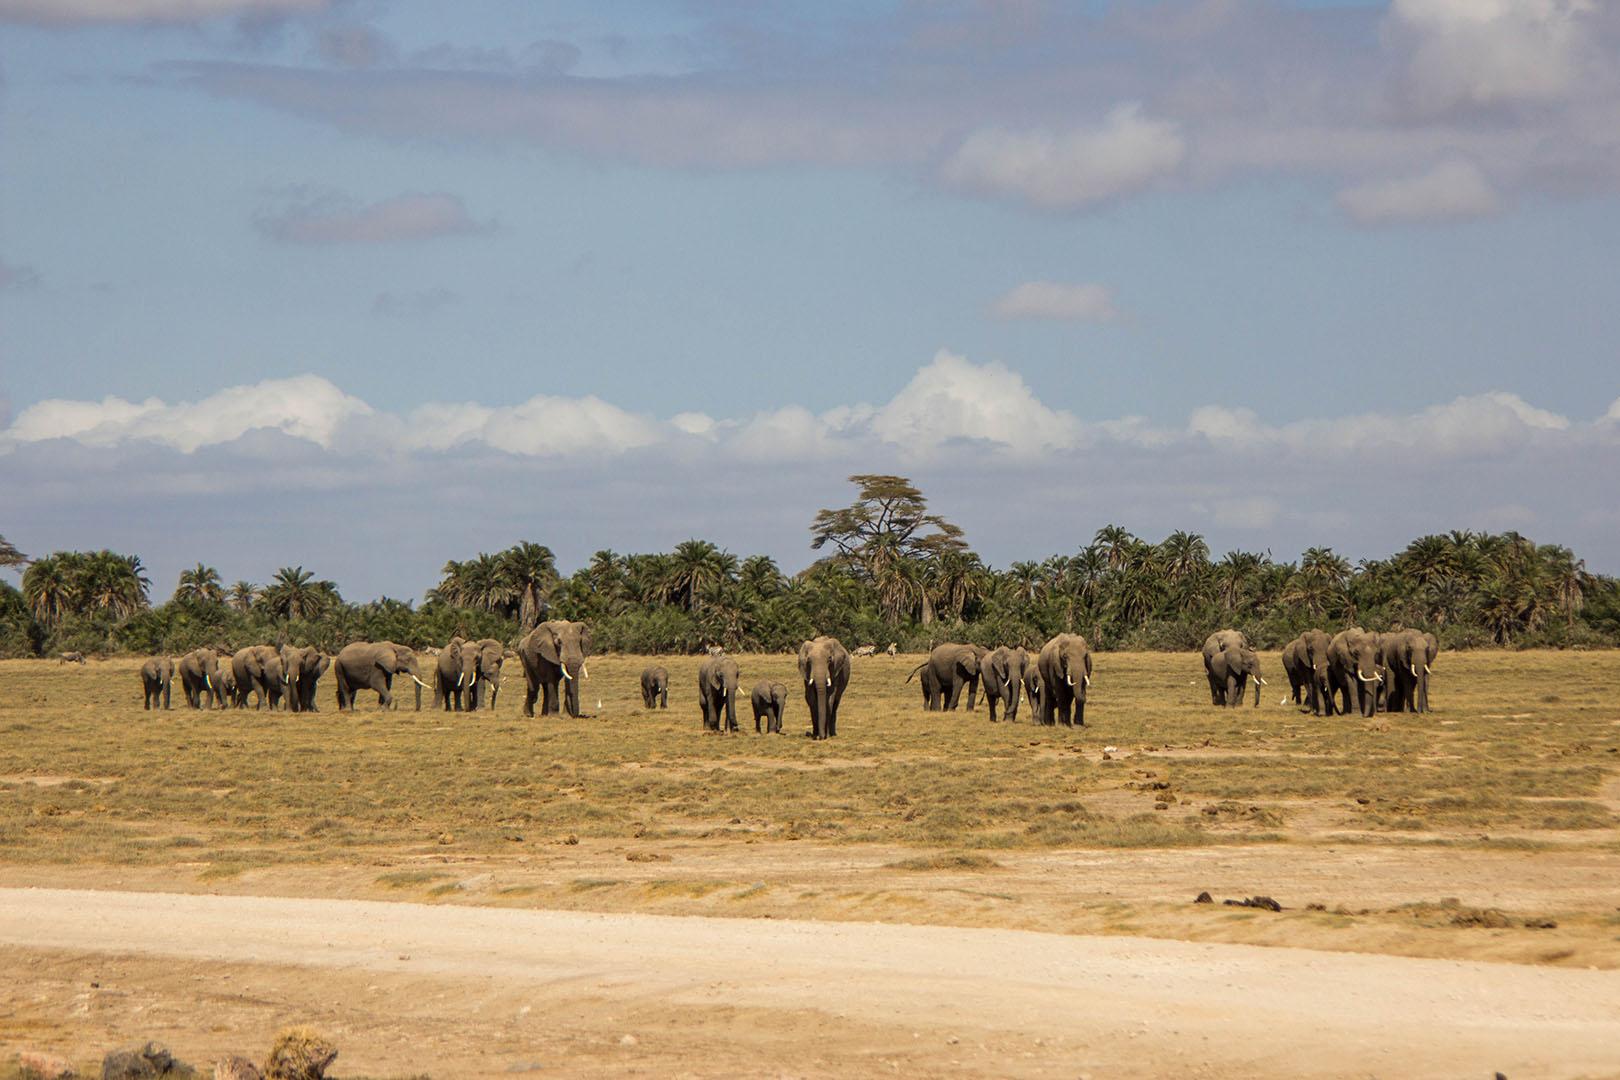 Manada de elefantes en Amboseli, Kenia